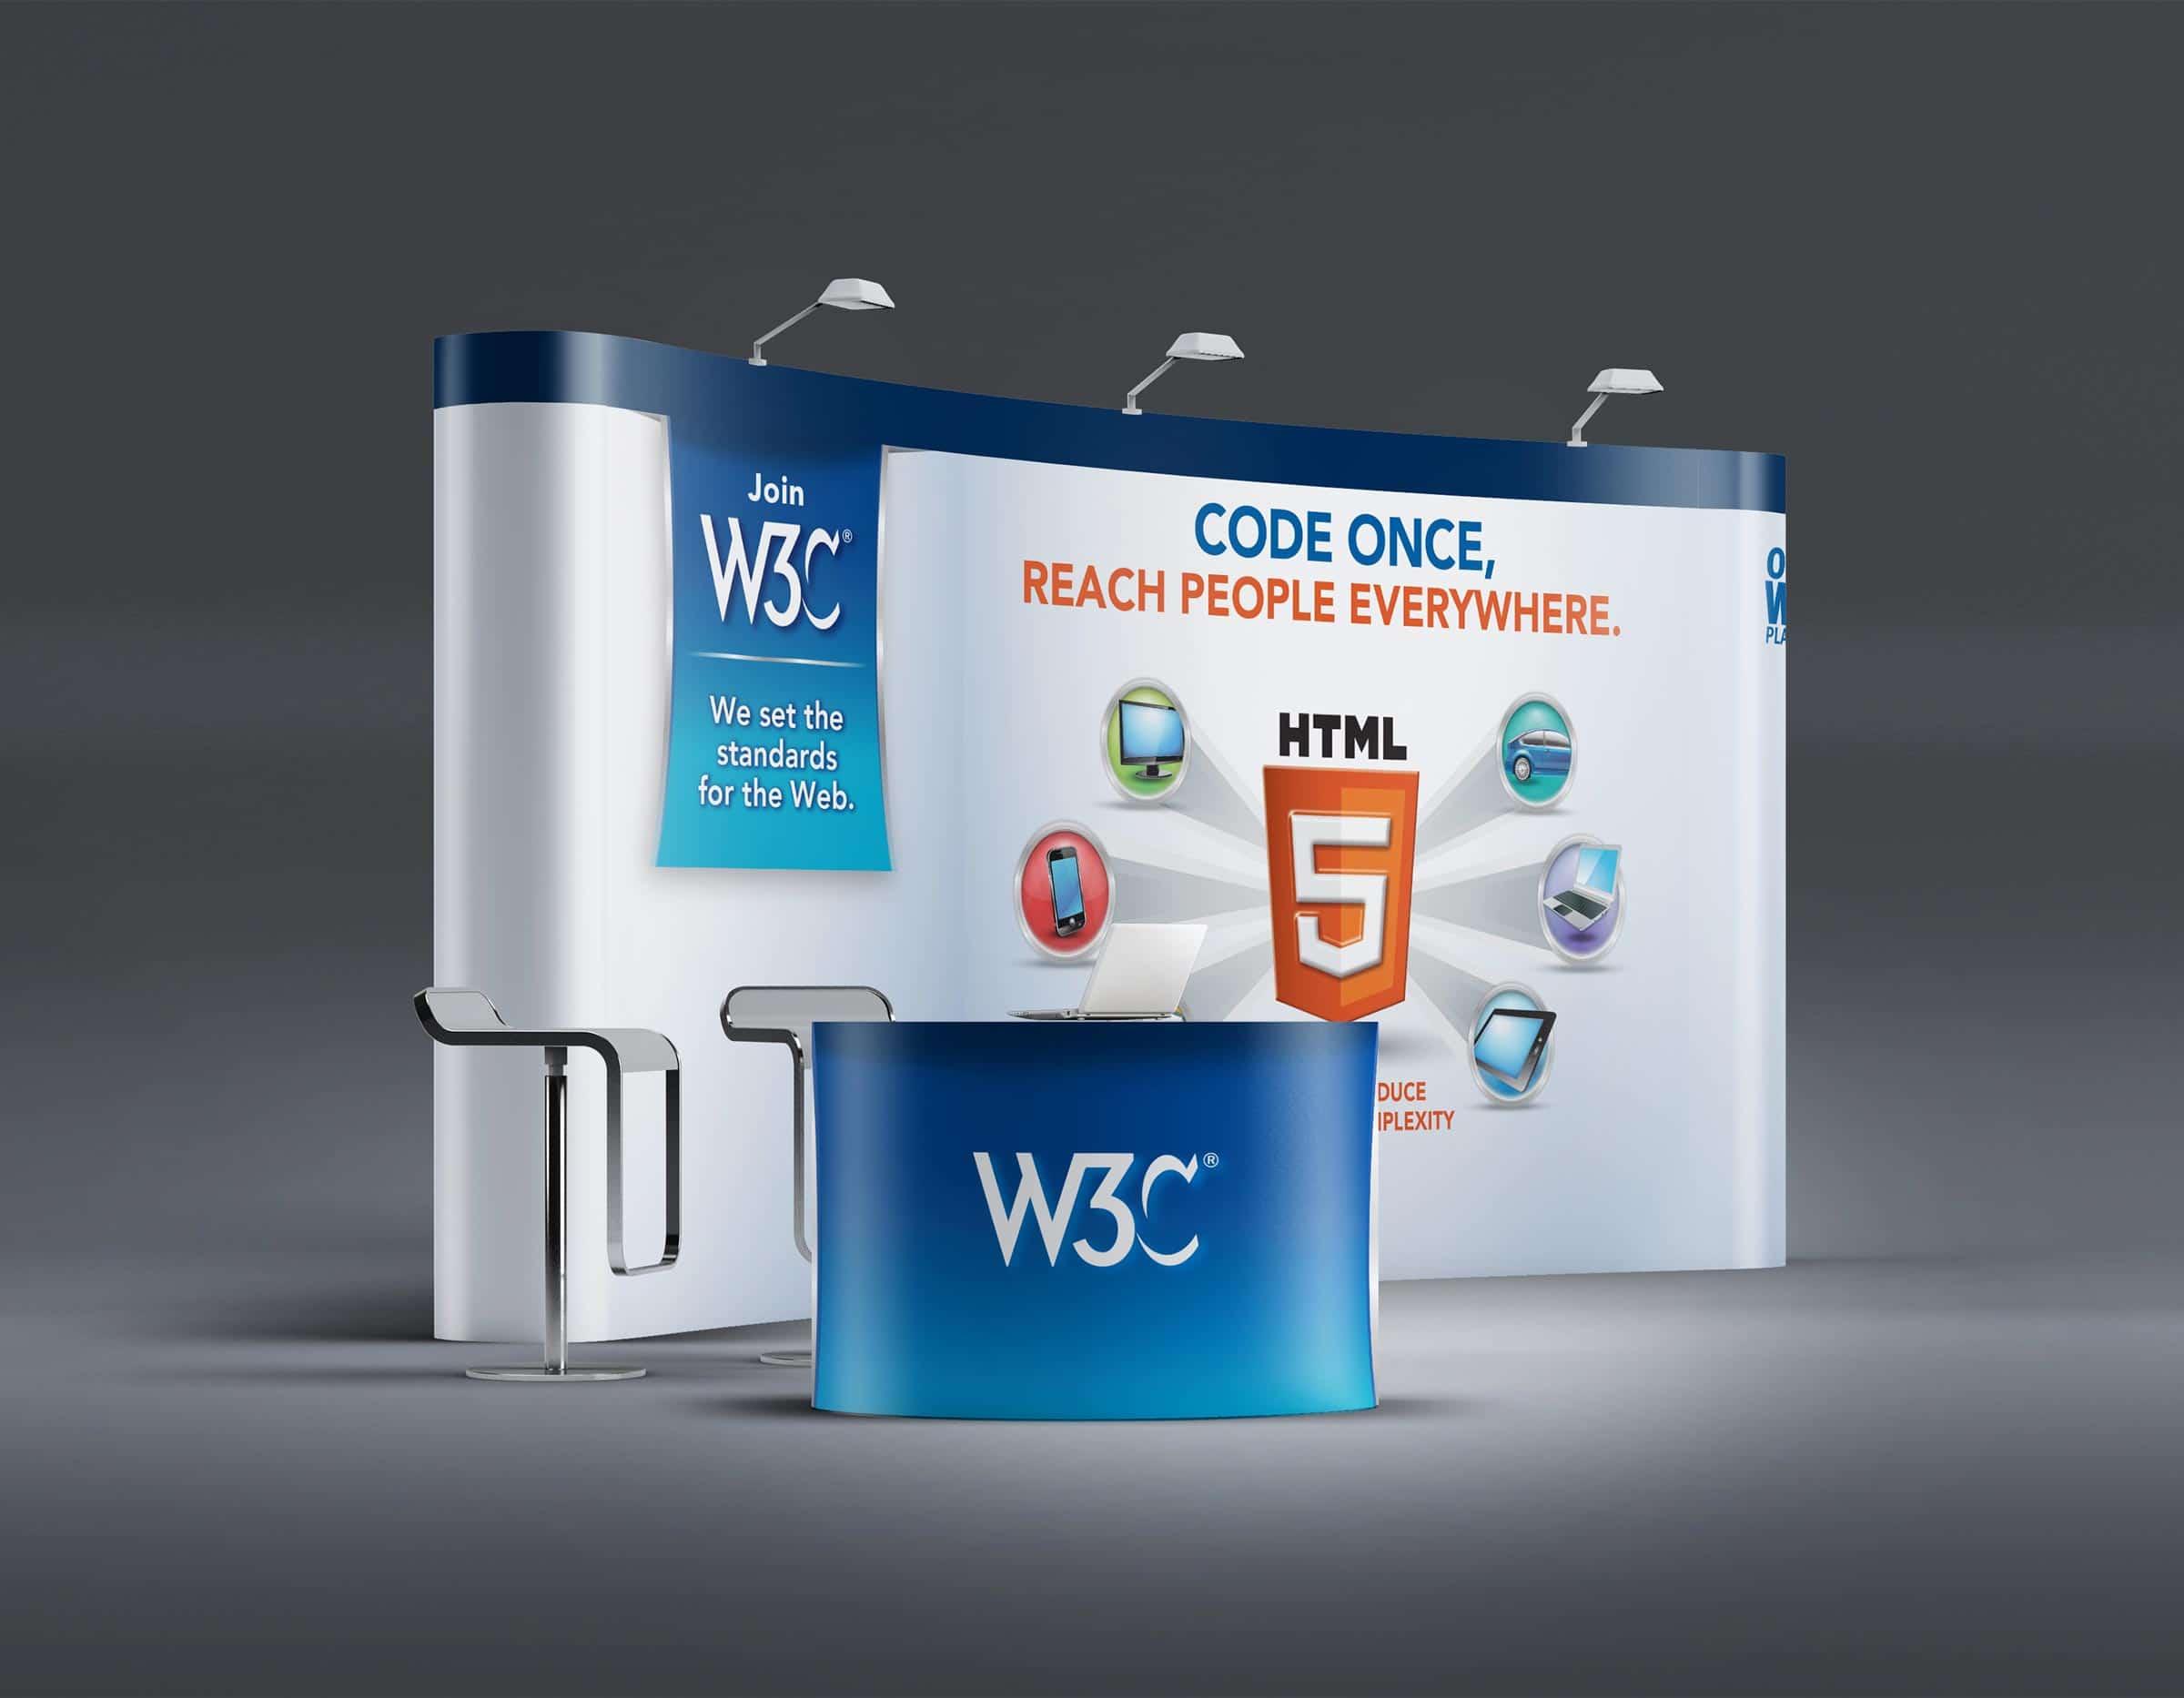 Il W3C è il consorzio che gestisce gli standard del Web